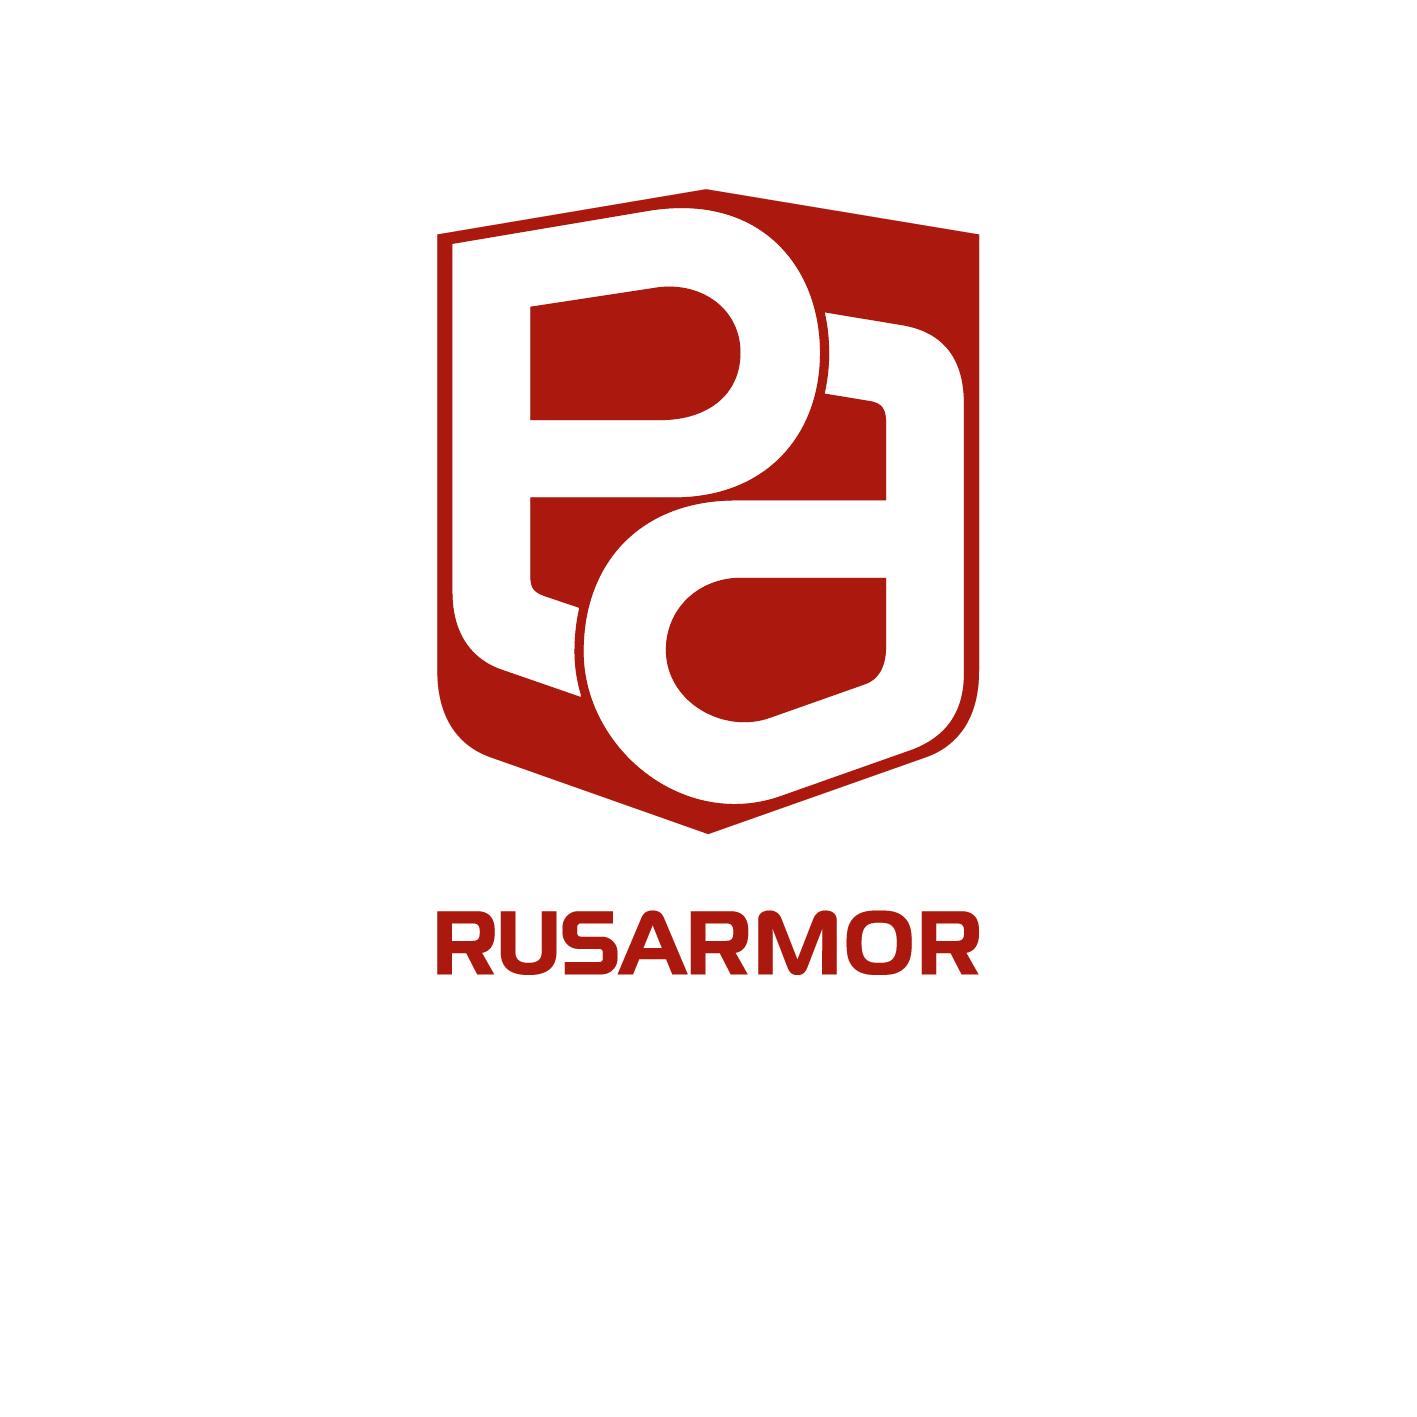 Разработка логотипа технологического стартапа РУСАРМОР фото f_3315a0e124caaf8c.png